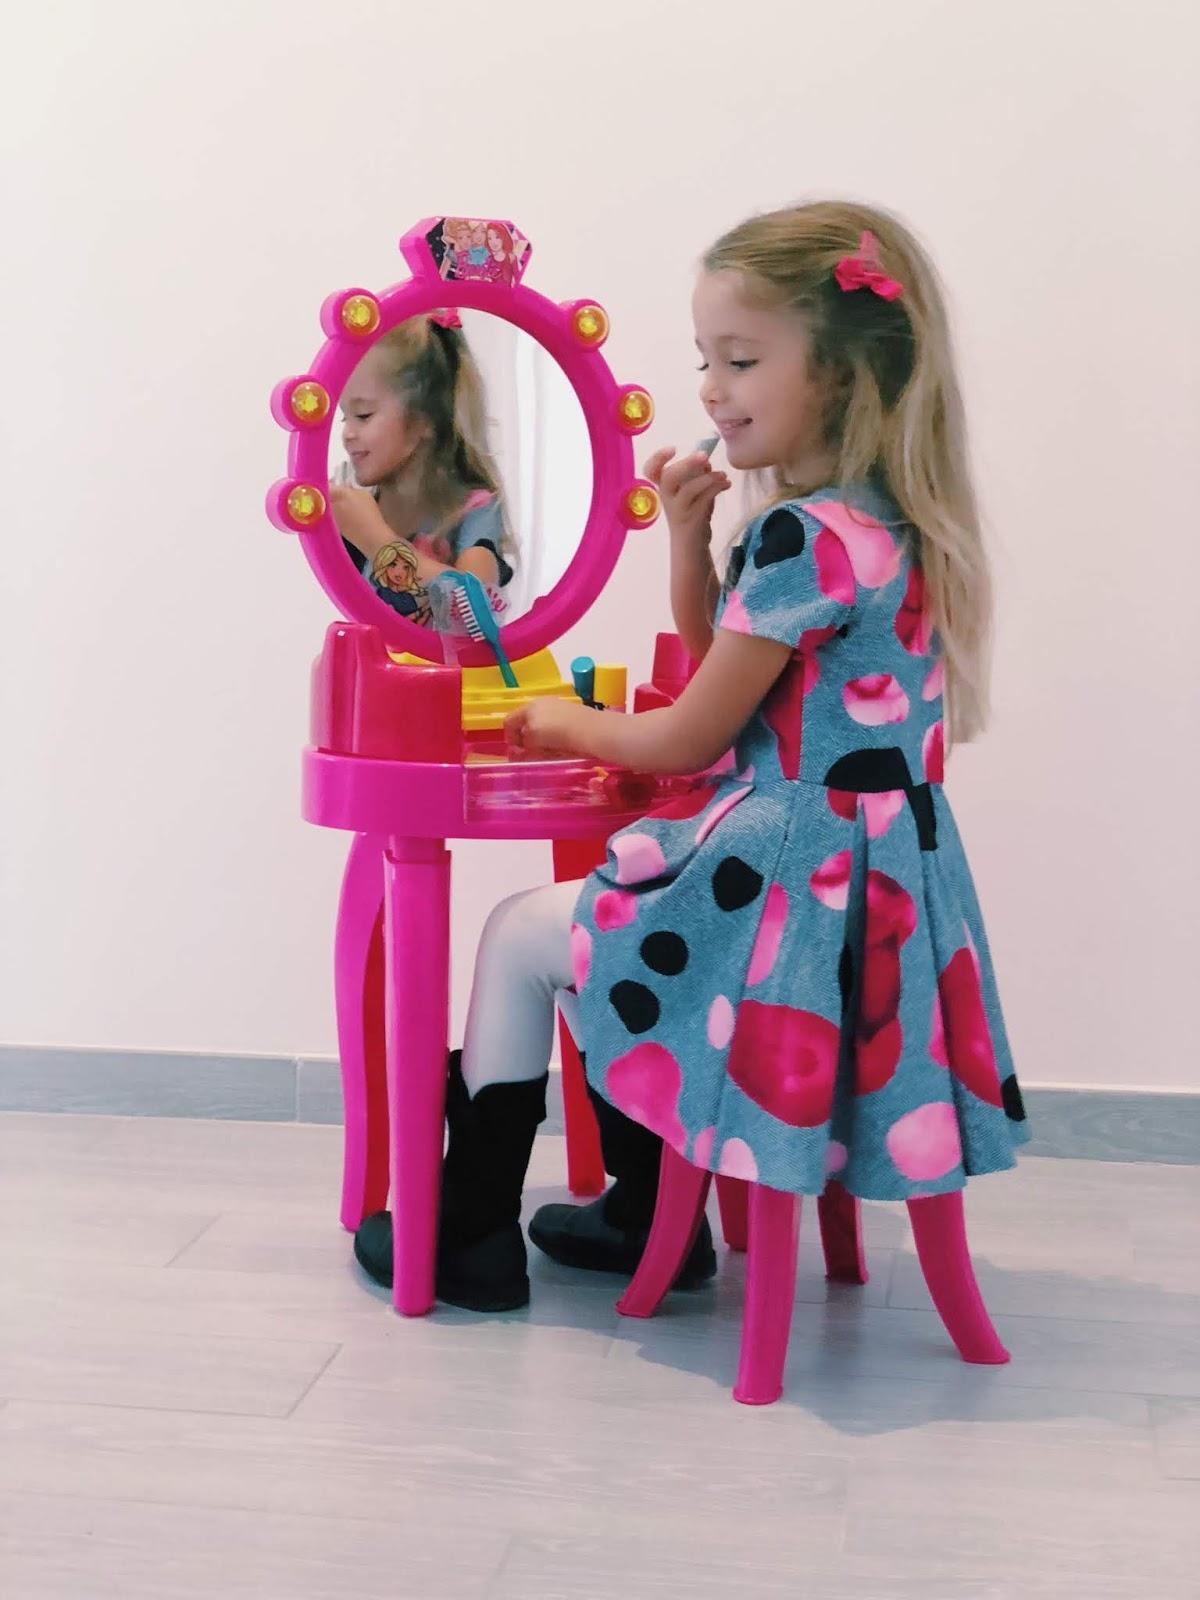 Birthday Baby-Girl: non avere fretta di crescere!